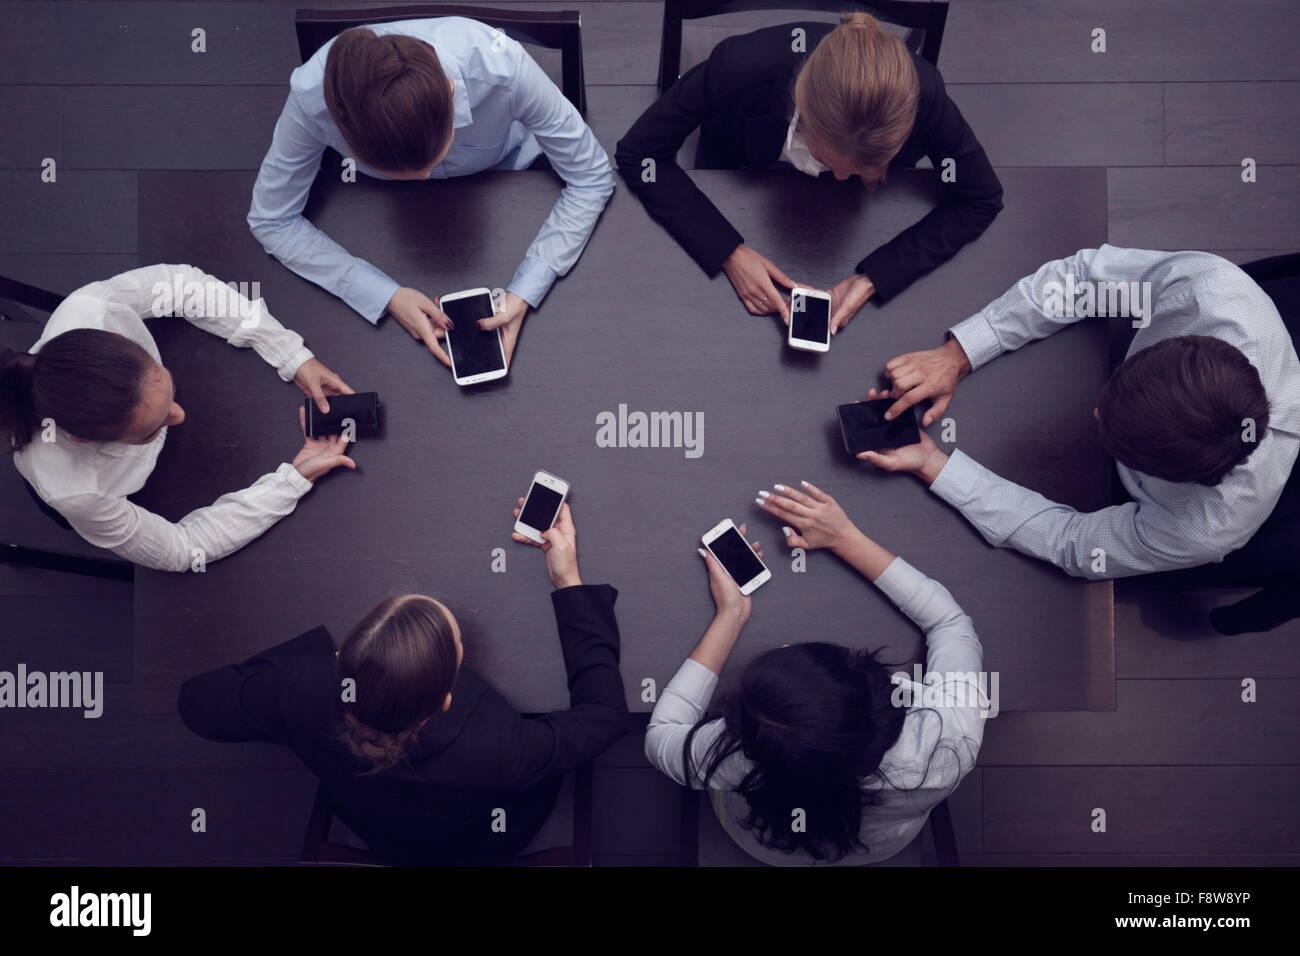 La gente de negocios con smartphones, sentados alrededor de la mesa, vista superior Imagen De Stock